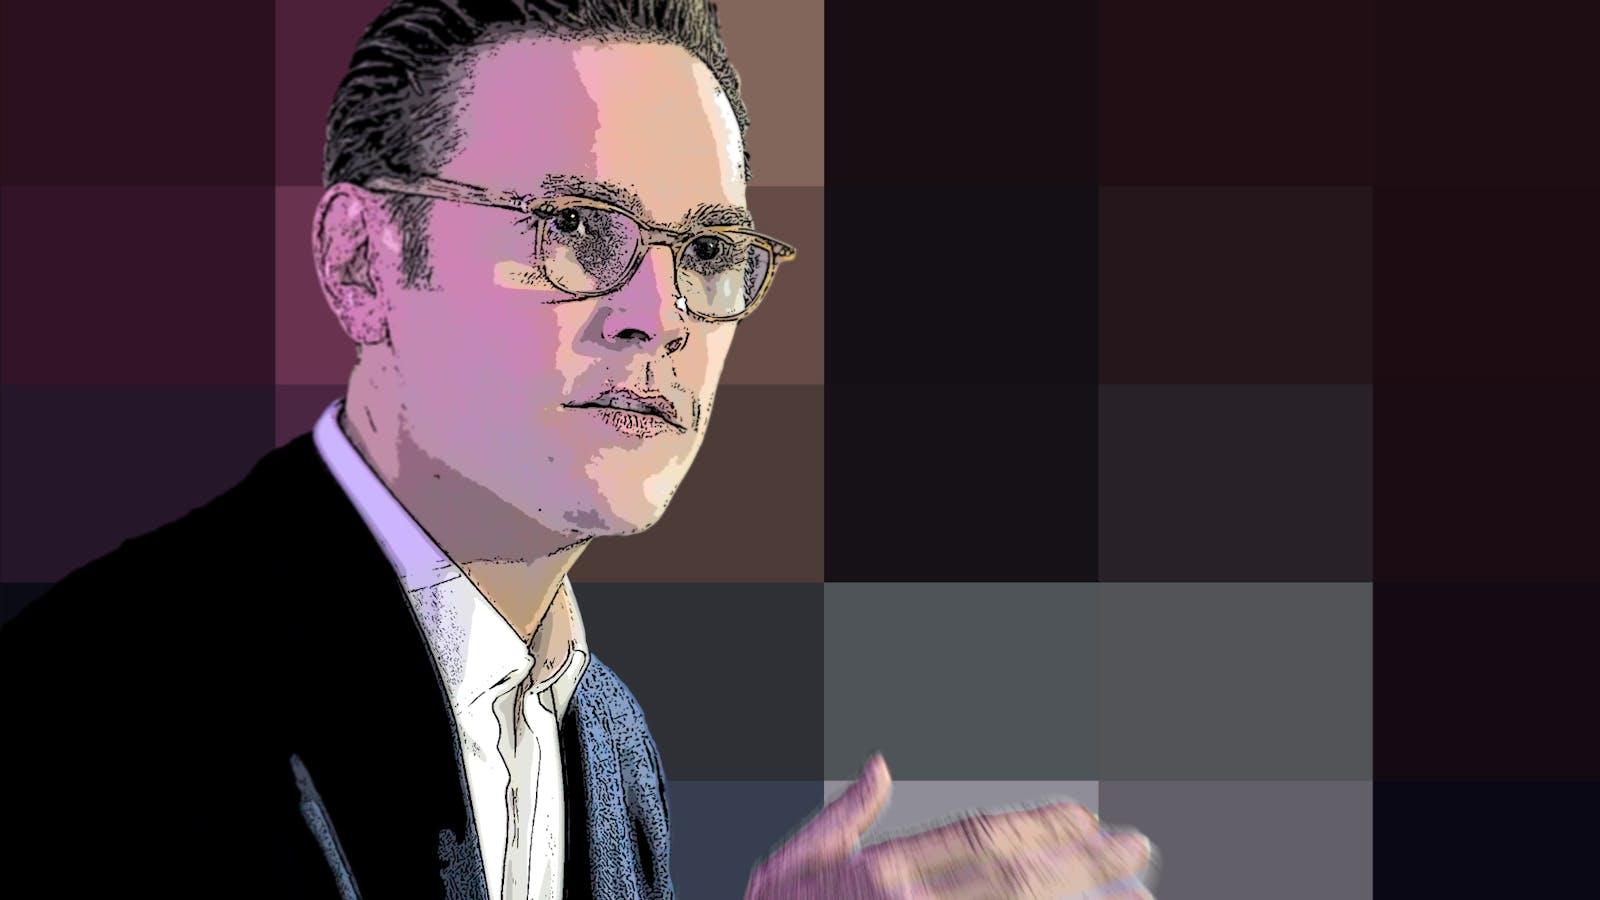 James Murdoch. Art by Matt Vascellaro.